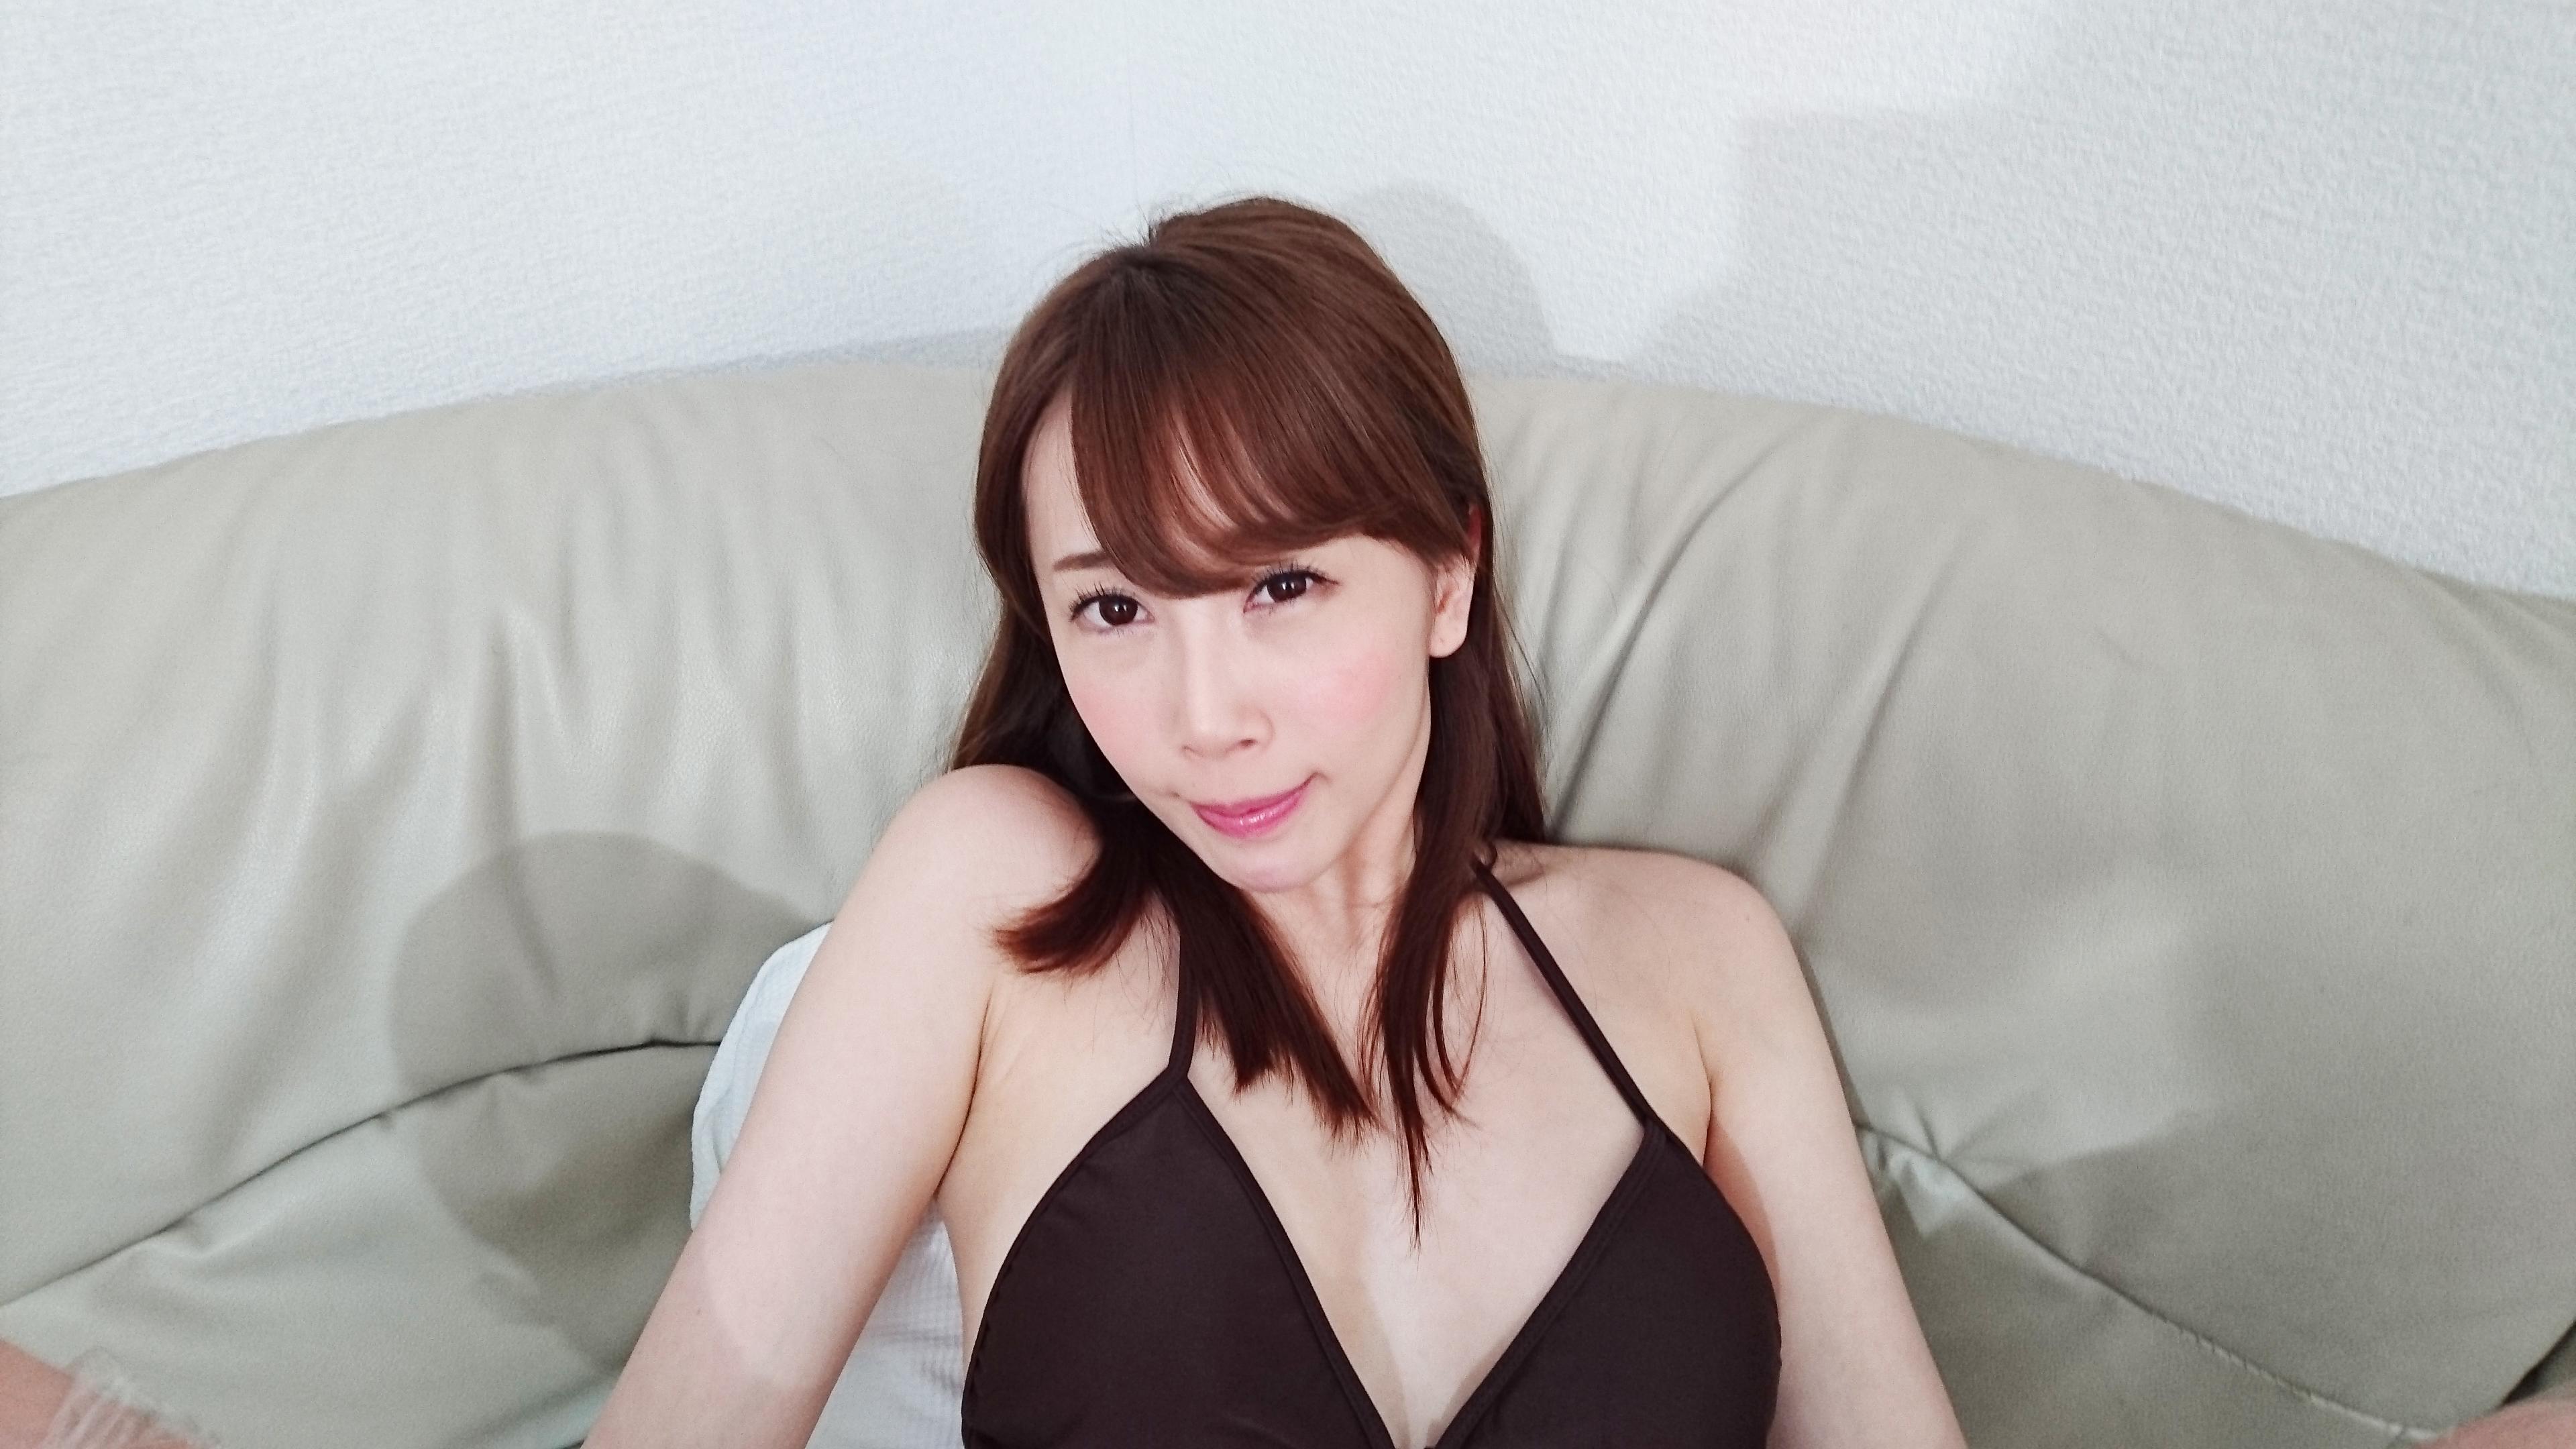 アダルトVR動画:【音量注意w】美乳美女をイかせまくってみたw